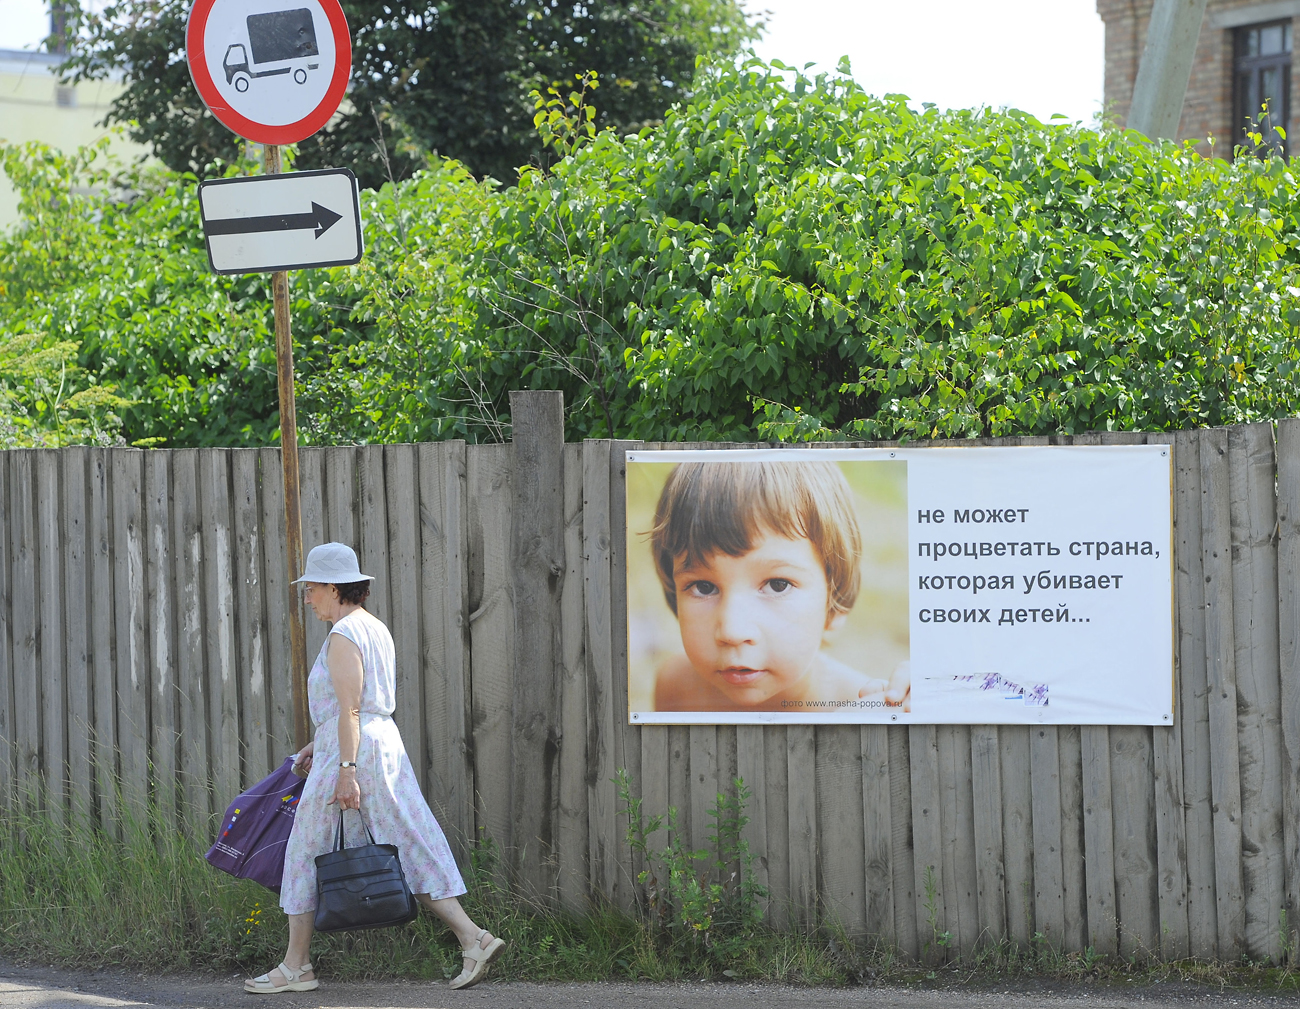 746 000 avortements ont été pratiqués en 2015 en Russie, soit une diminution de 8% par rapport à l'année précédente.